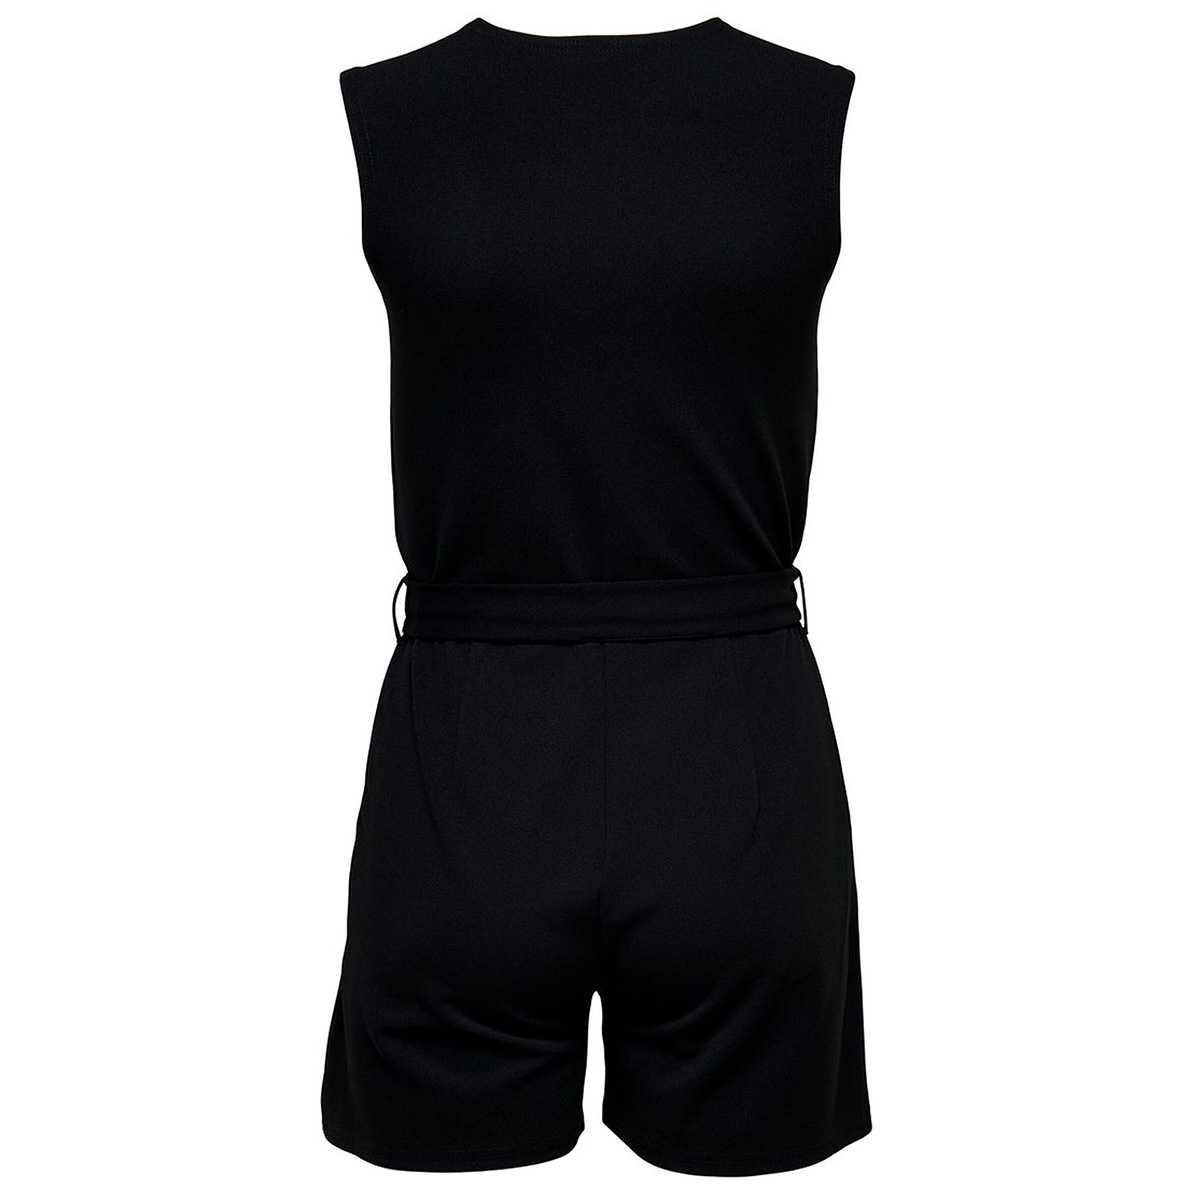 jdyskylar s/l playsuit jrs 15176907 jacqueline de yong jumpsuit black